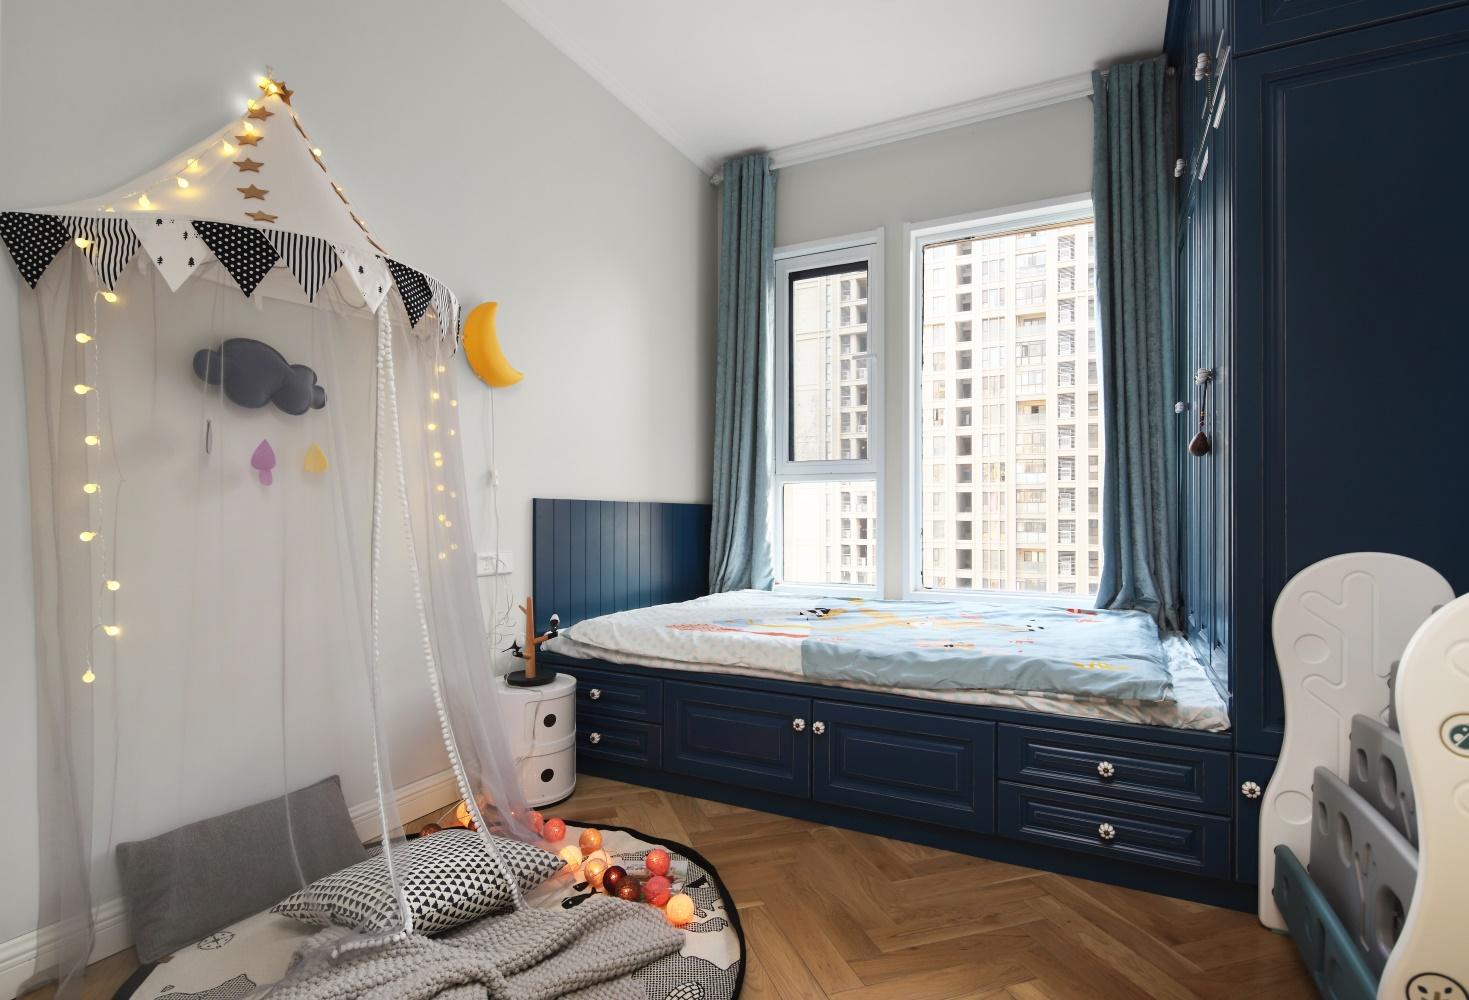 100㎡北欧两居榻榻米儿童房装修效果图